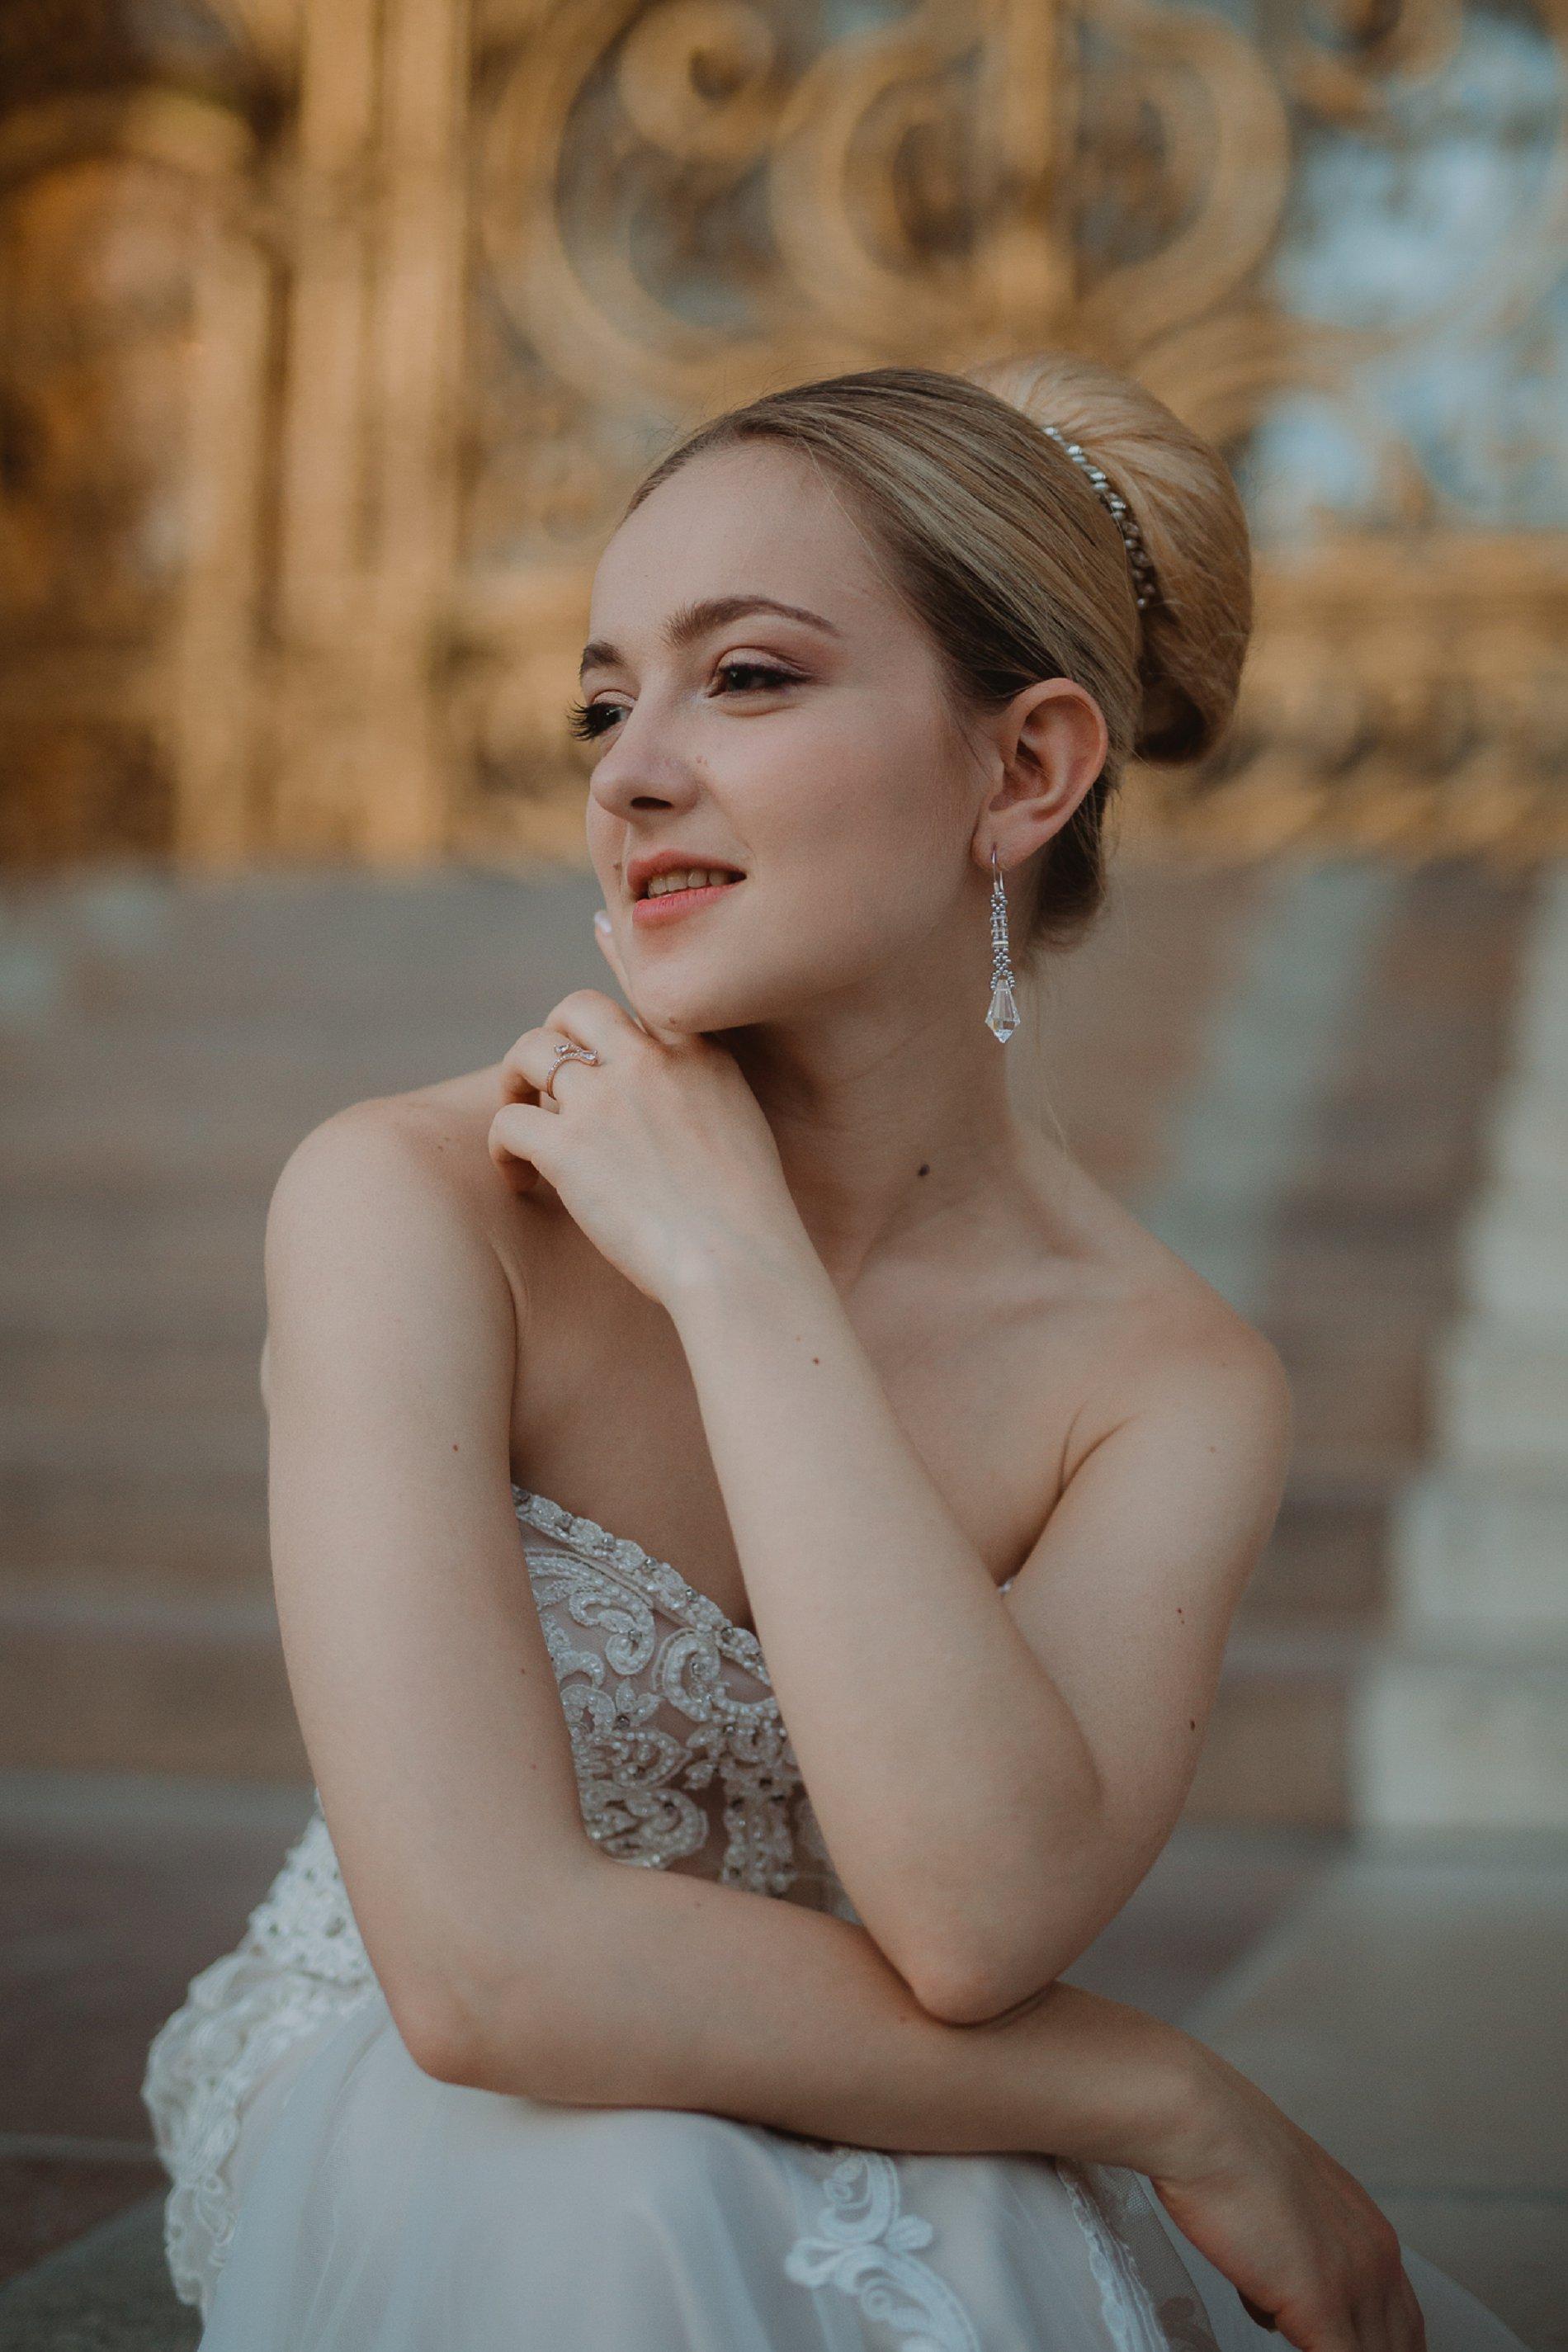 Miss He Bridal Romantic Paris Elopement (c) Xanthe Rowland Photography (47)